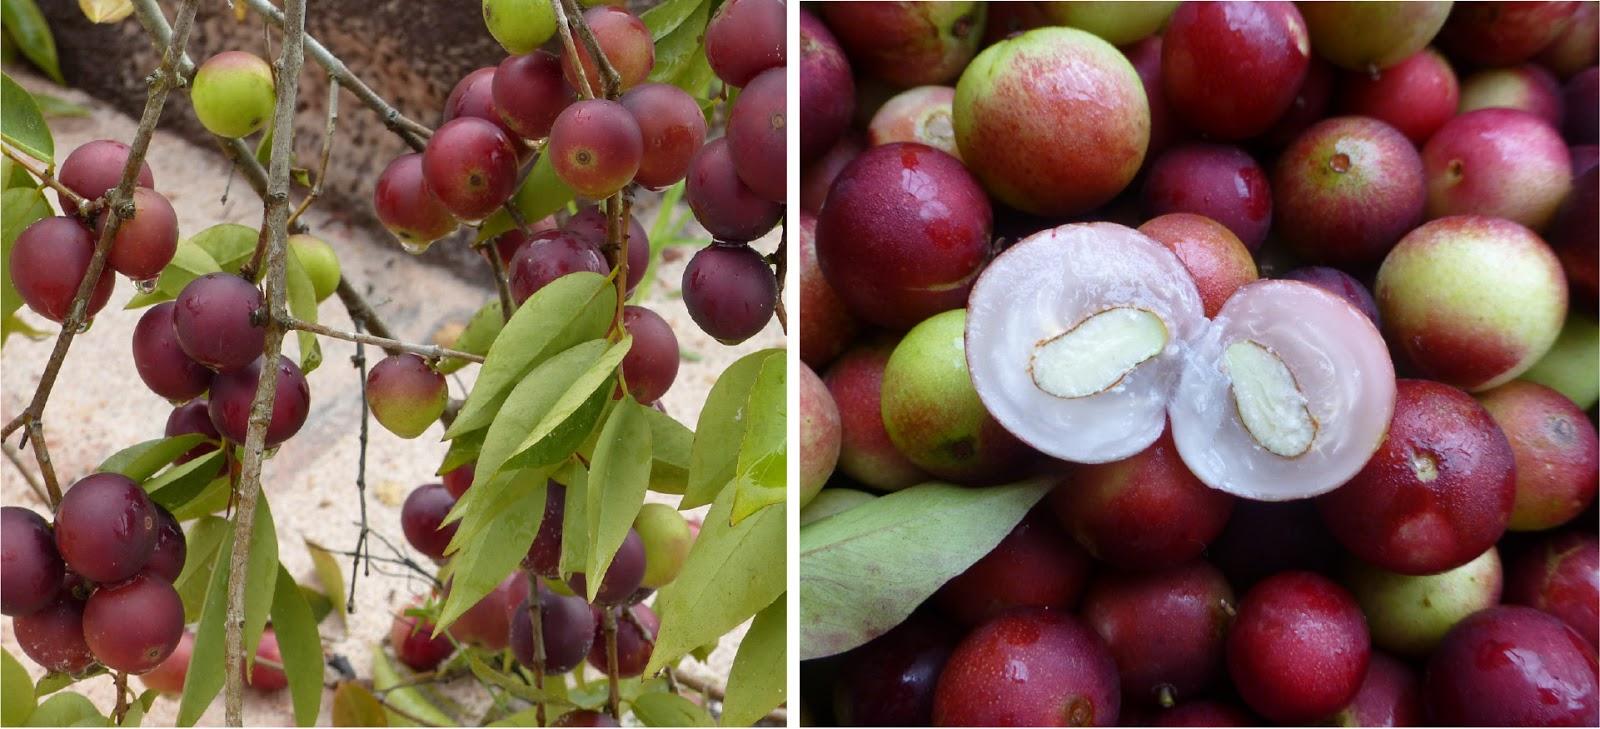 frutas exóticas brasileiras : camu-camu